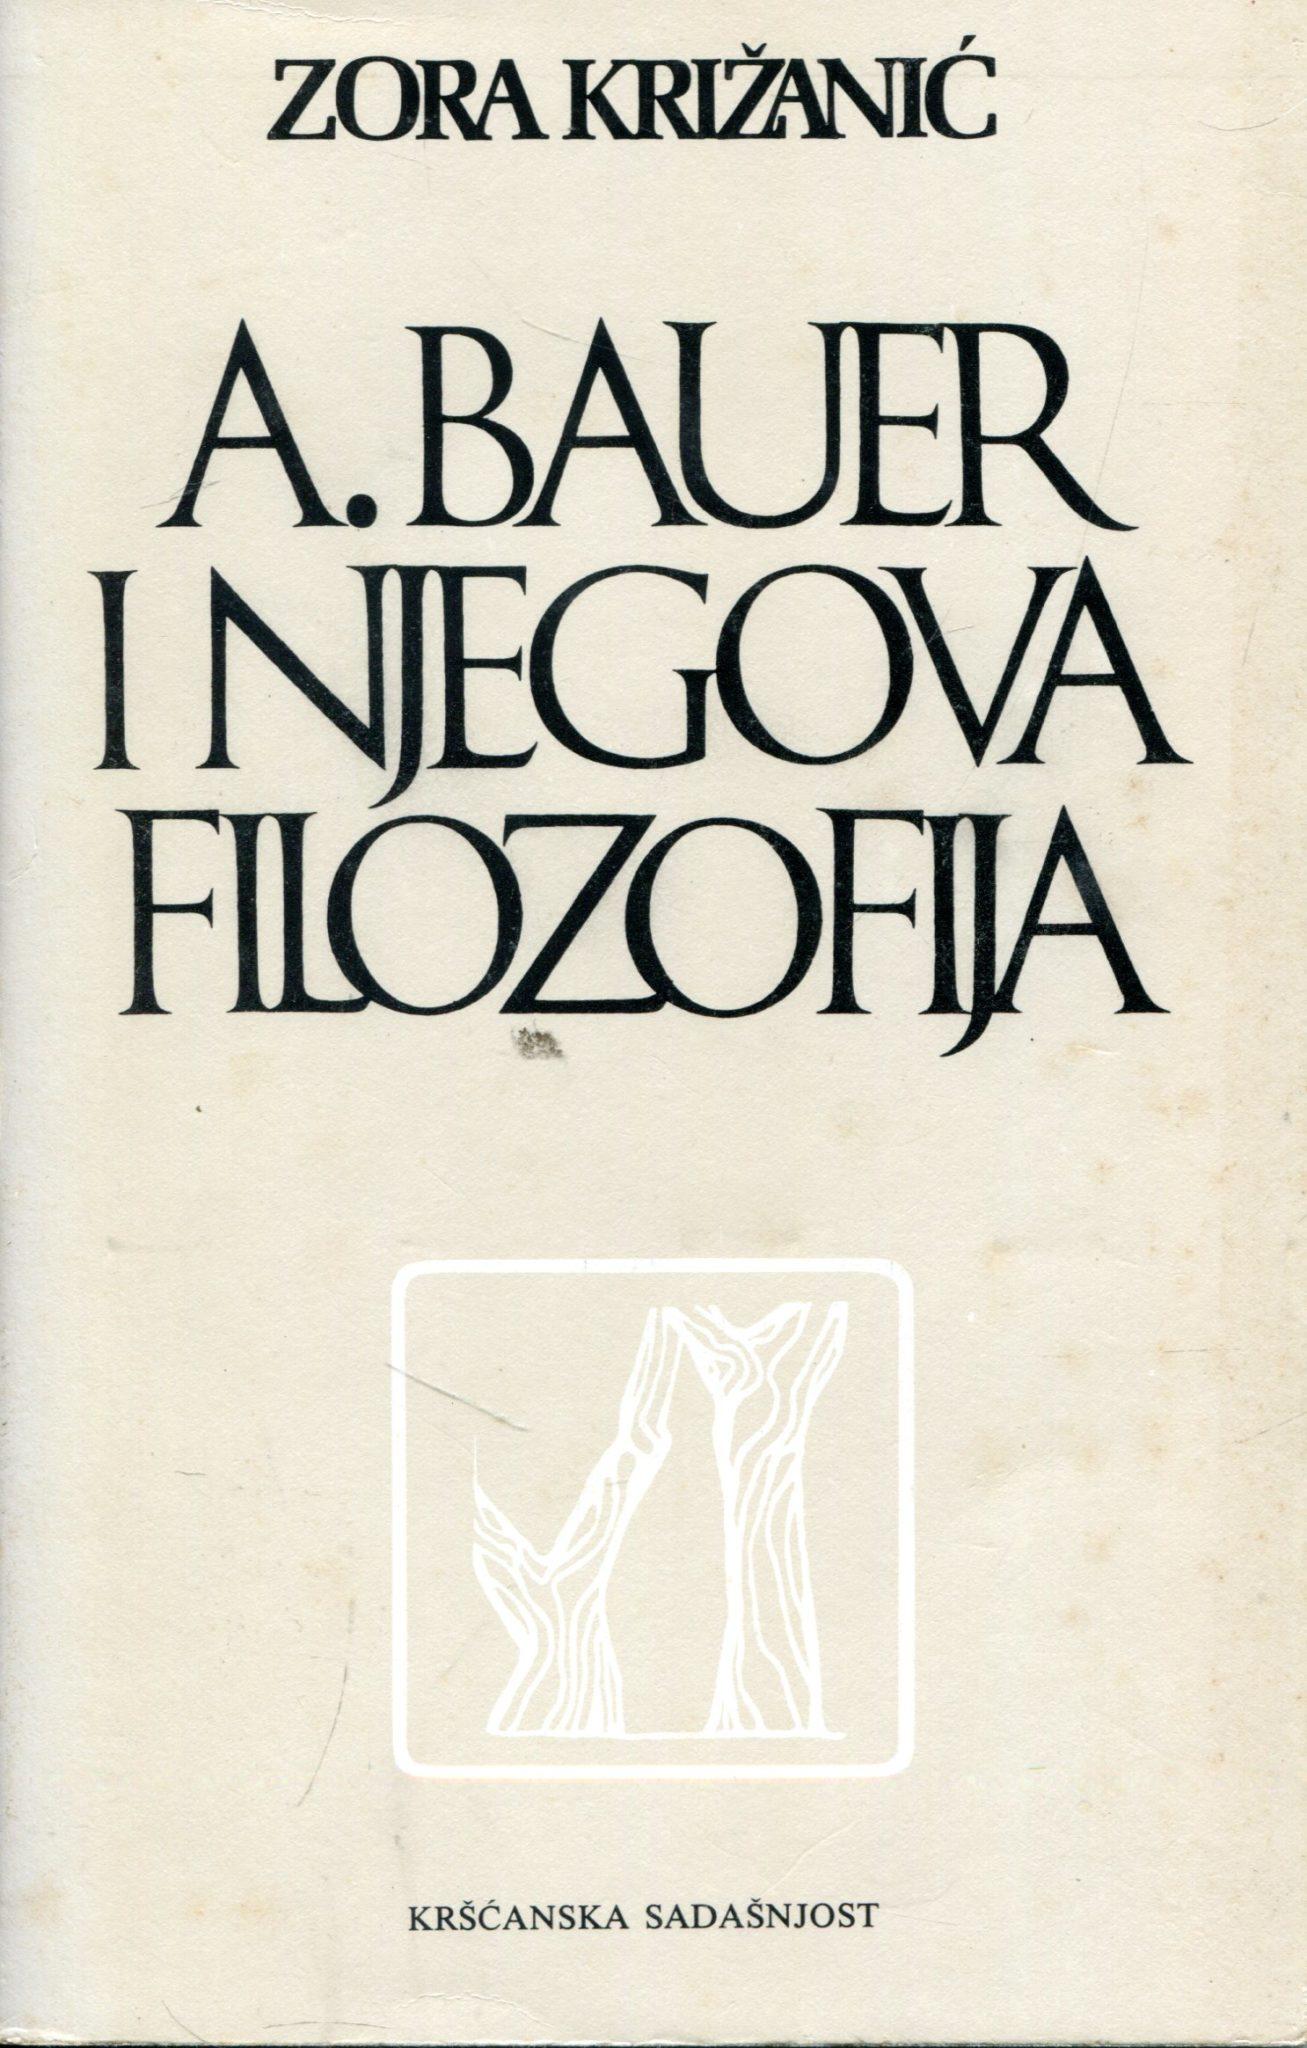 A. Bauer i njegova filozofija